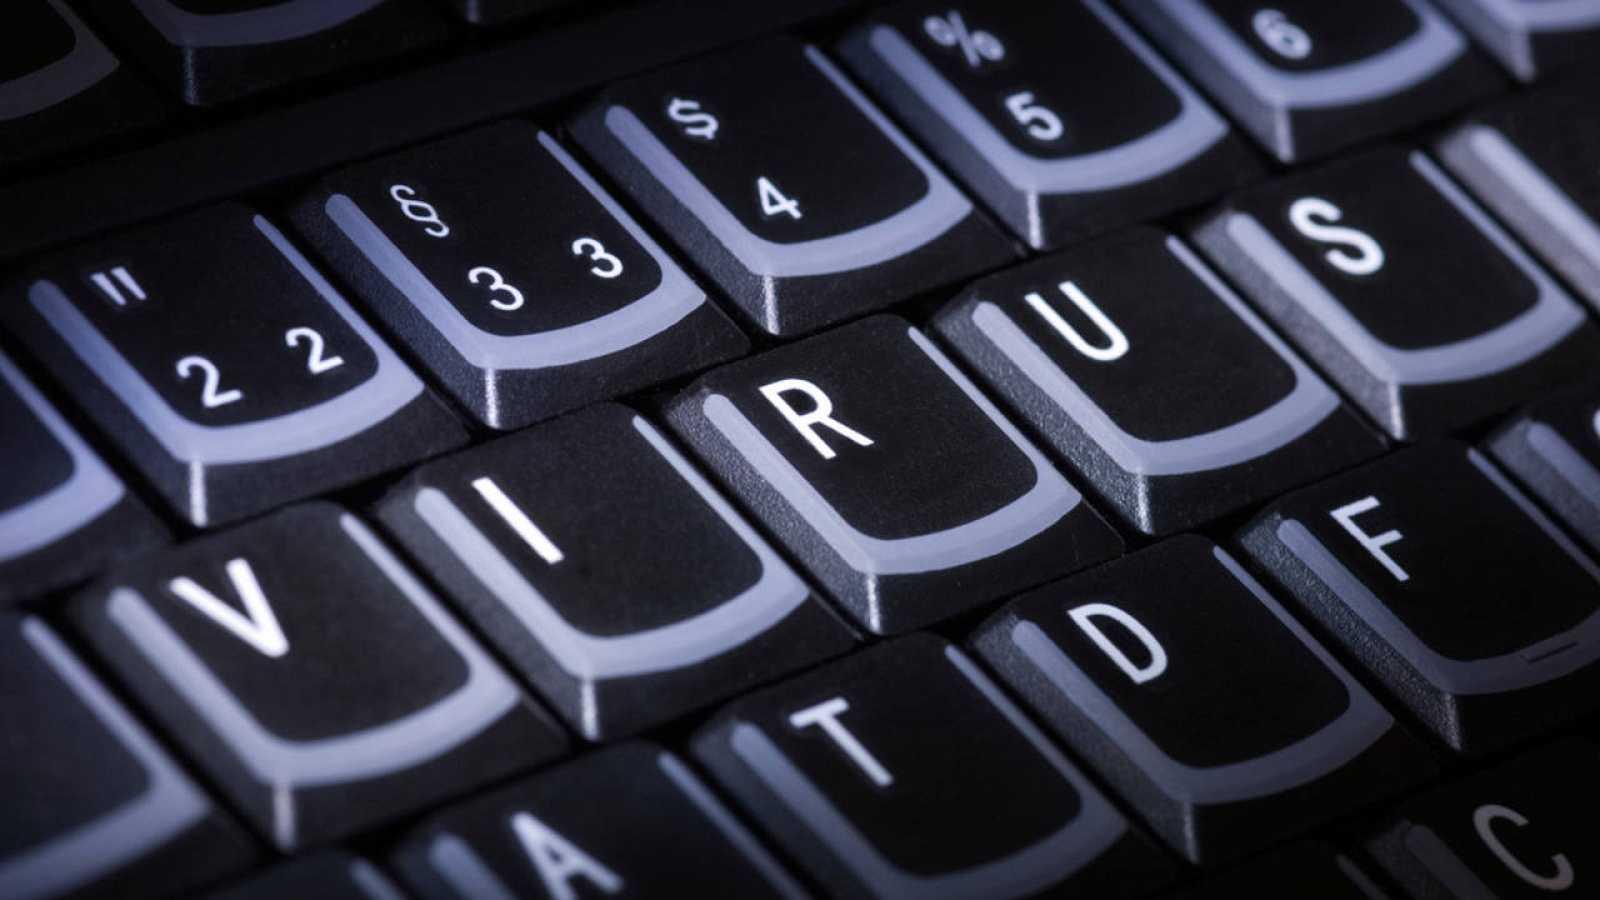 Un ordenador con la palabra virus escrita sobre el teclado